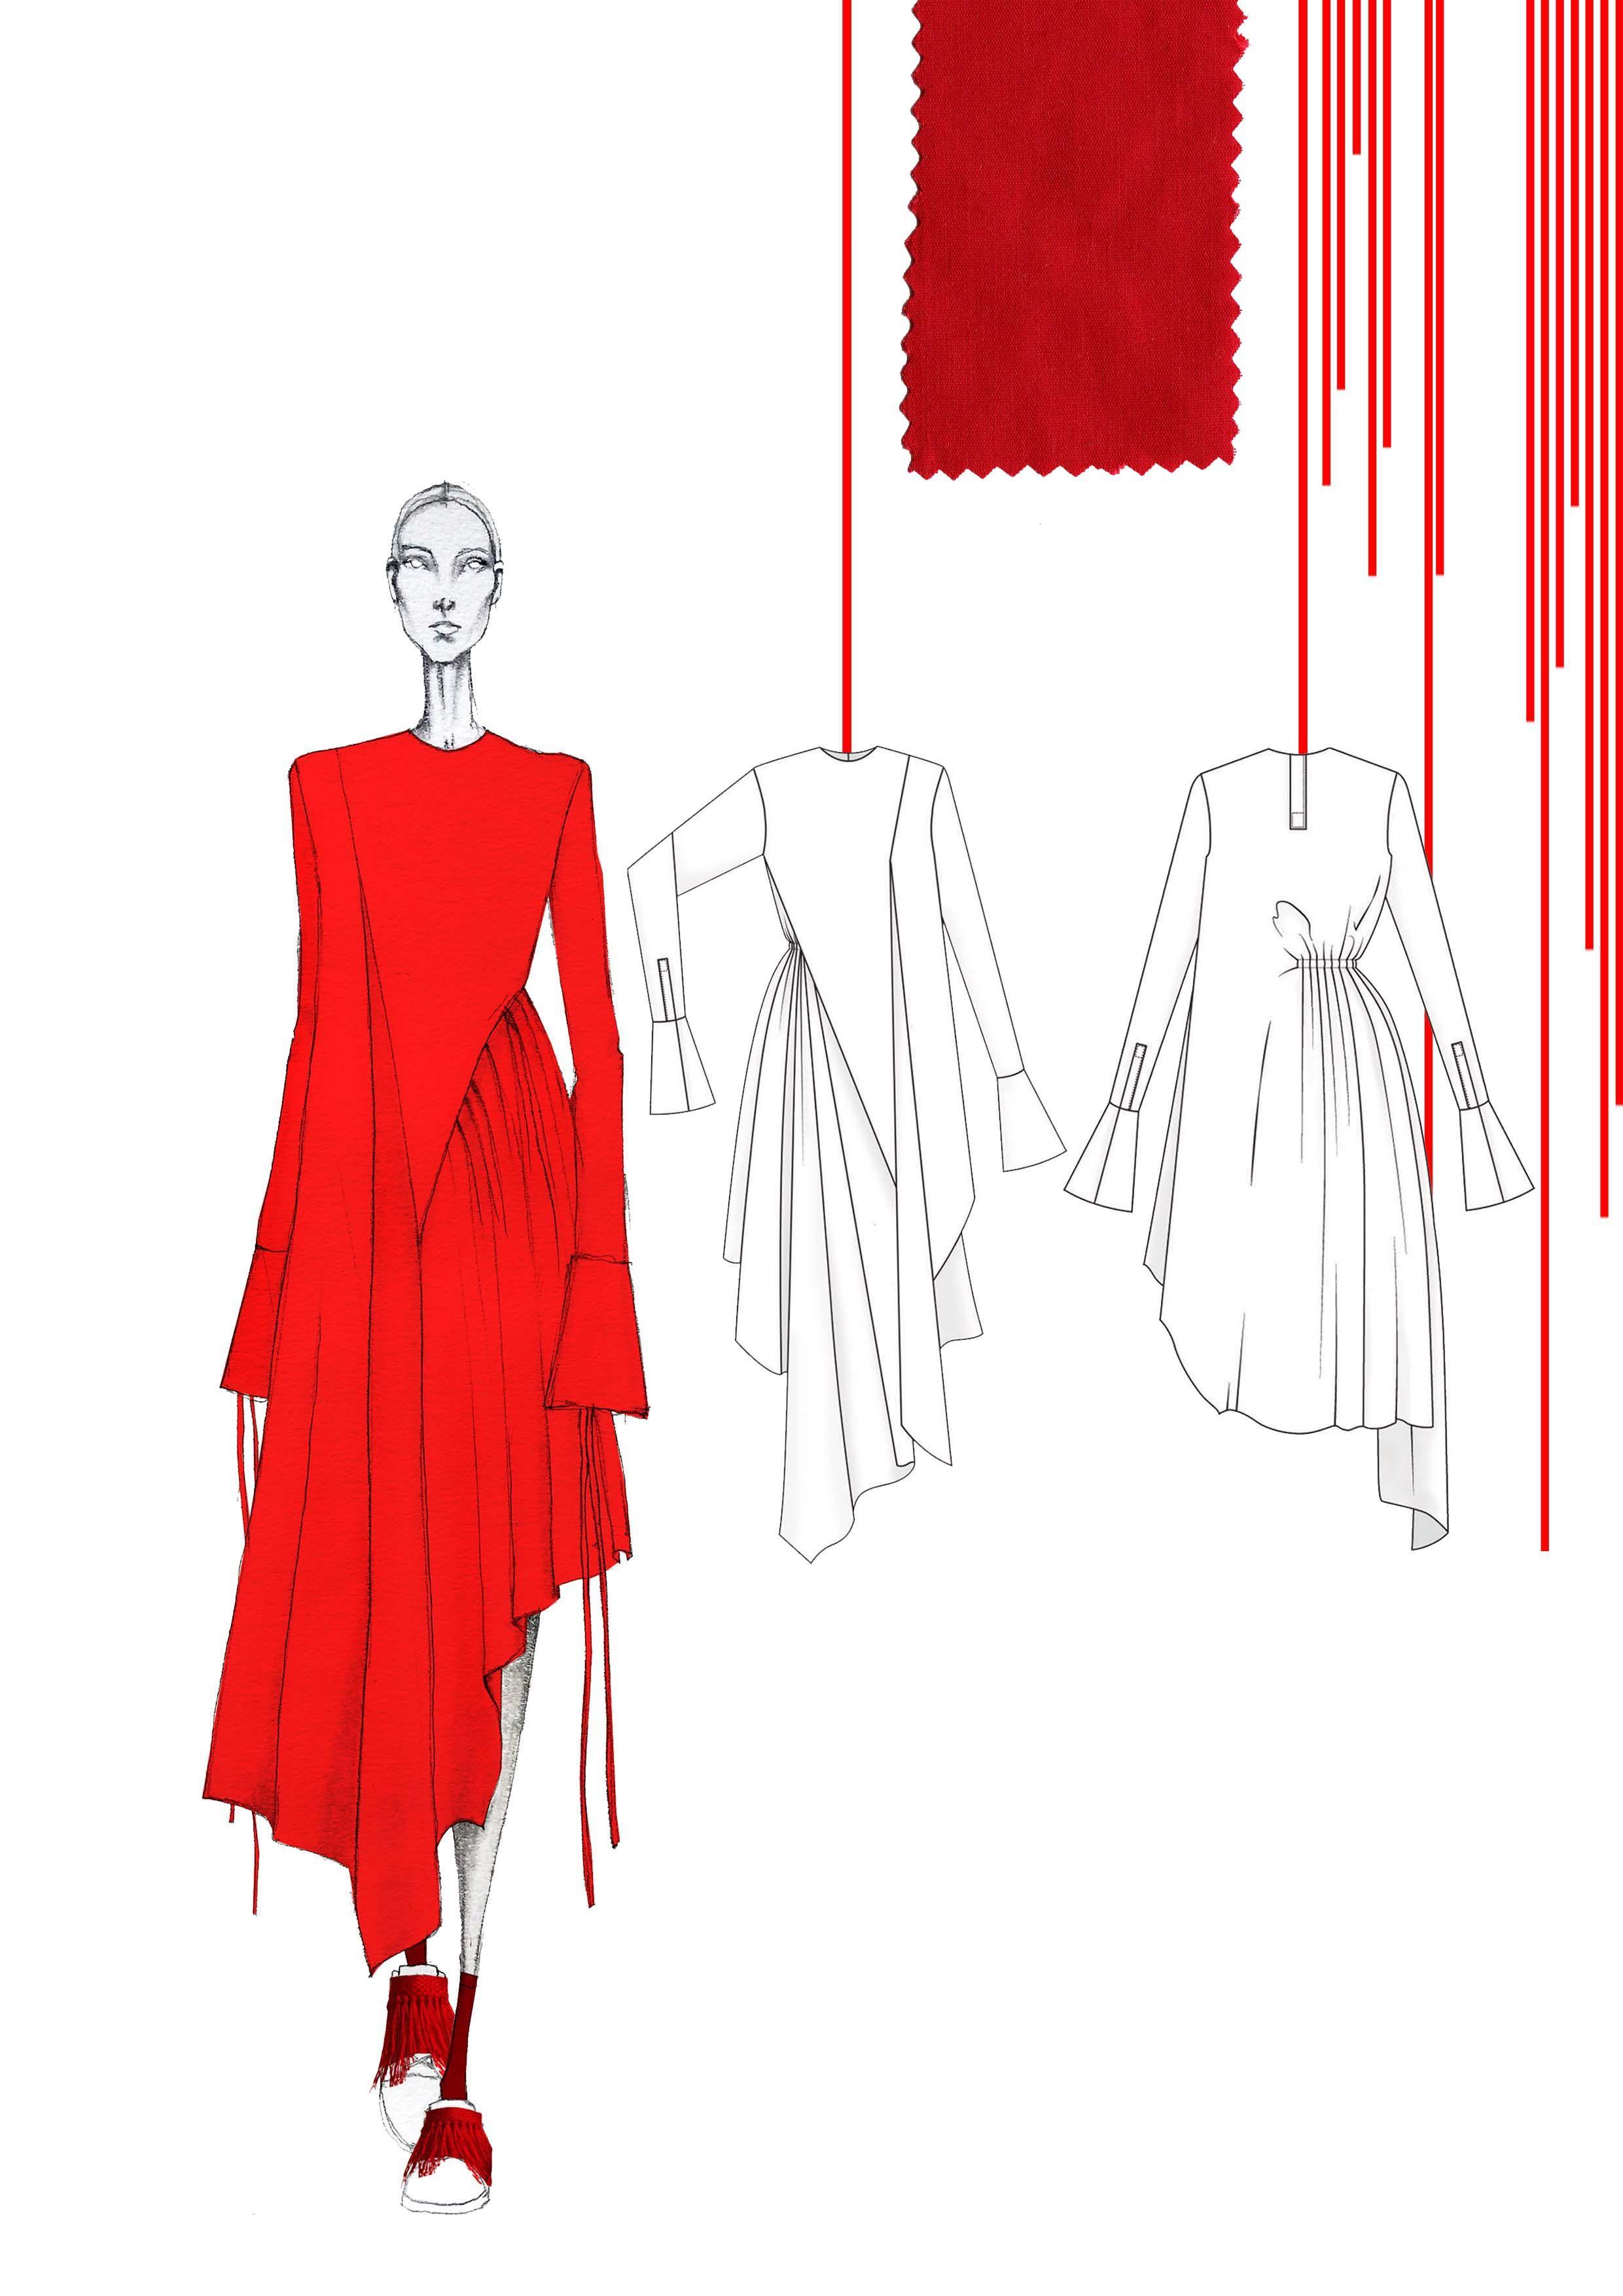 emmaatterholm - ArtsThread Profile   Fashion illustrations ...